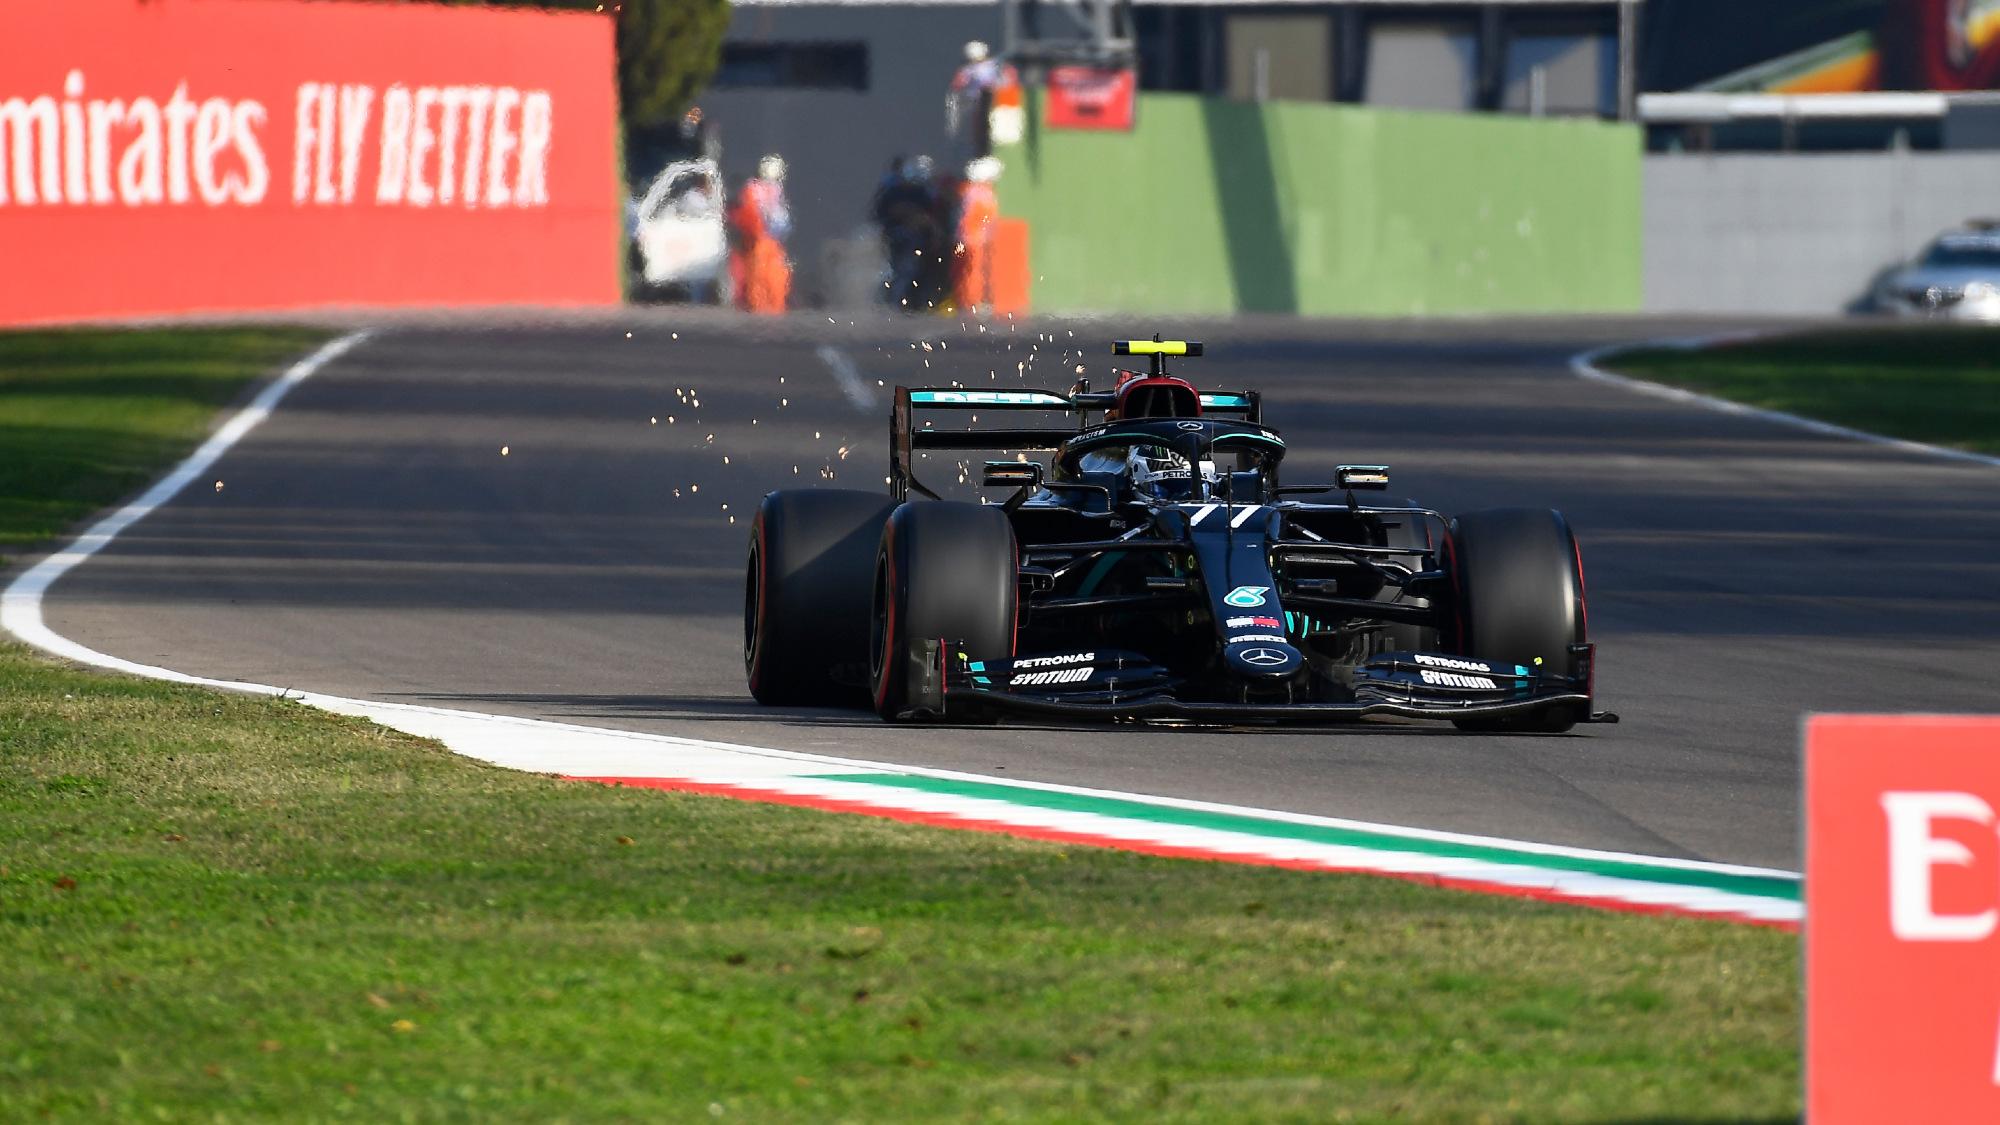 Valtteri Bottas, 2020 Emilia Romagna GP